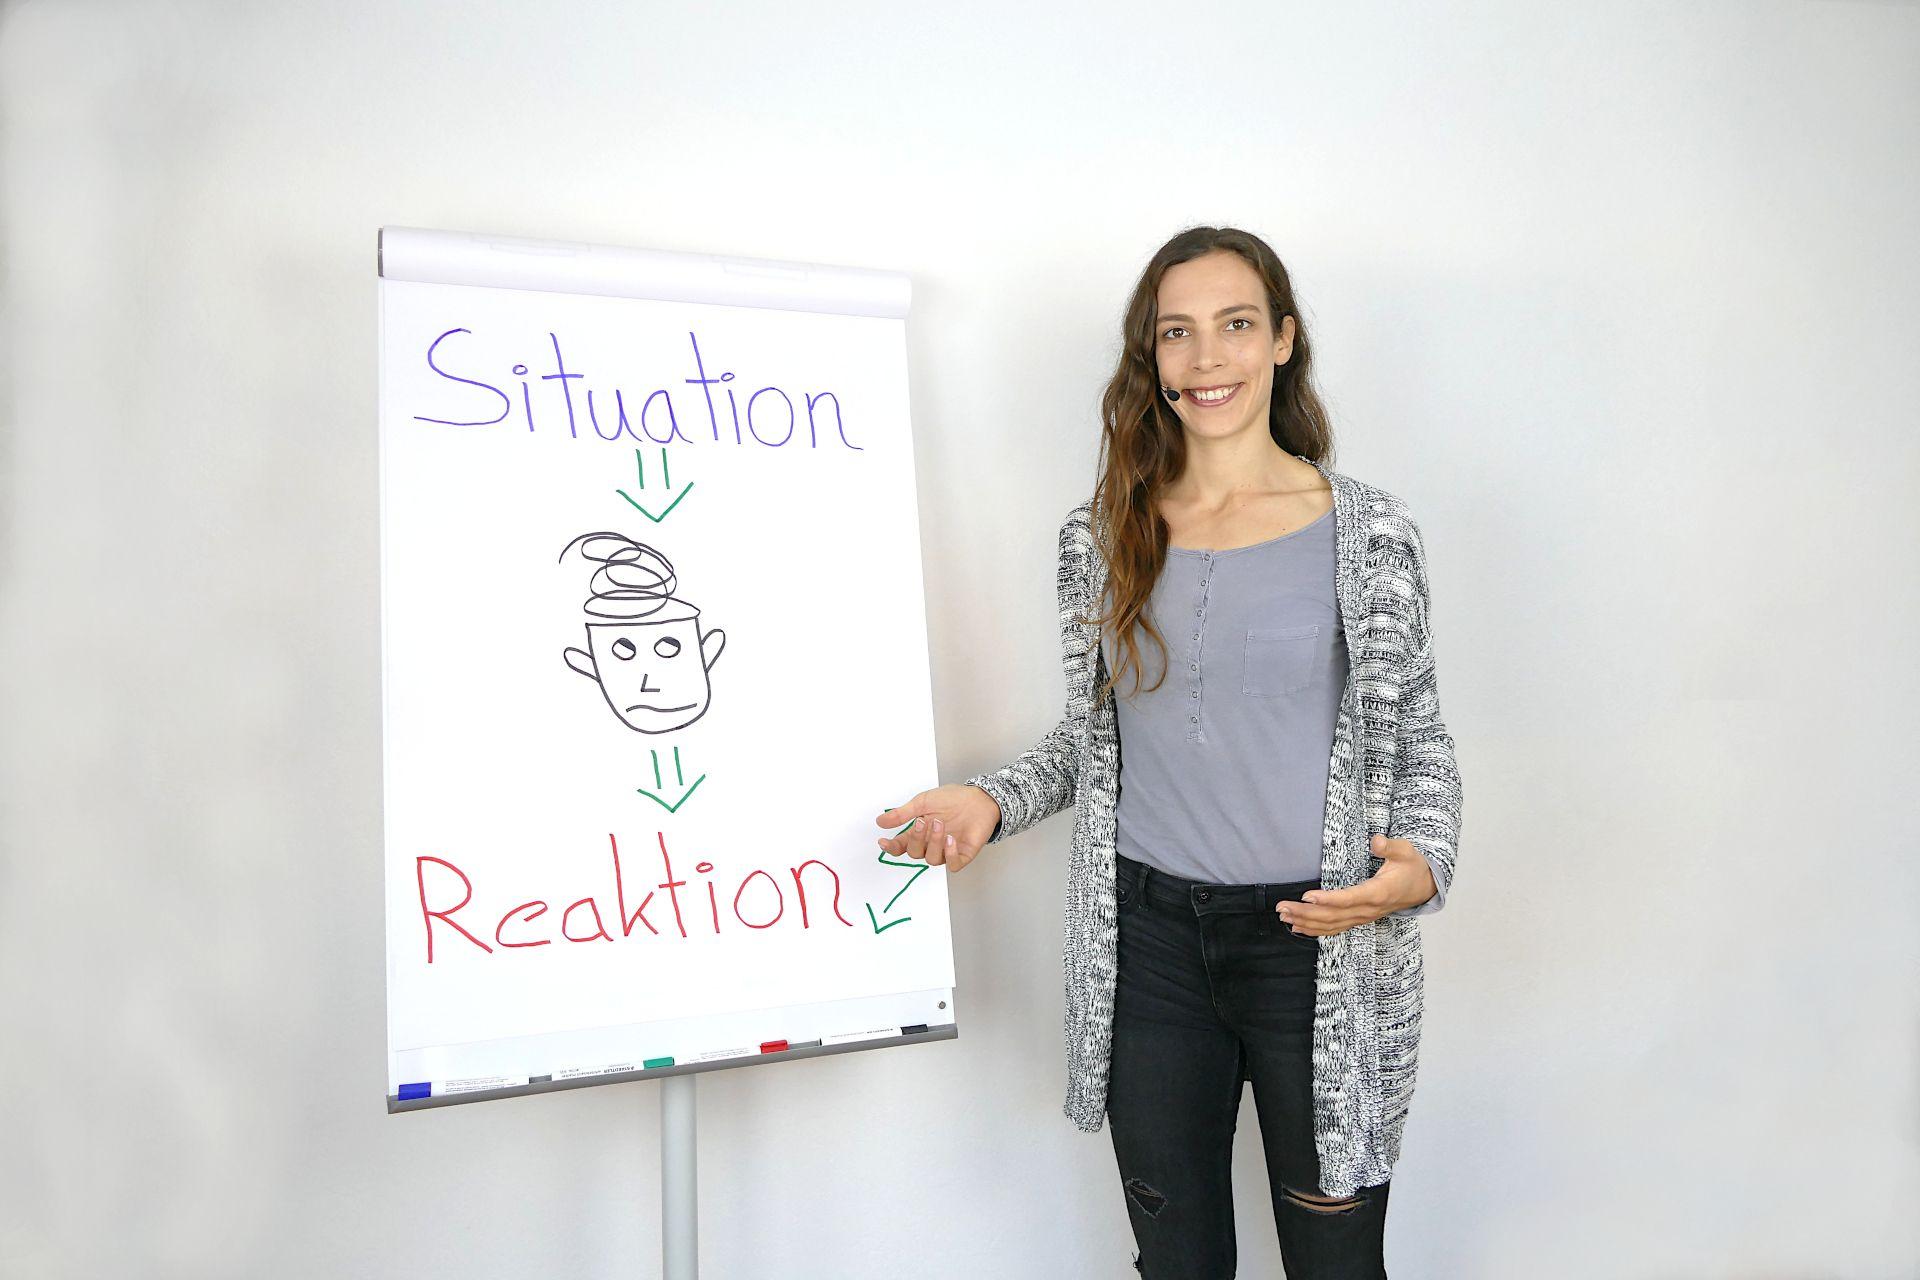 Stressmanagement und Psychologische Online Beratung: Anna steht vor einem Flipchart und hält einen Vortrag, zum Thema Stressmanagement. Auf dem Flipchart sieht man einen Kopf mit wirren Gedanken, die man ordnen sollte.